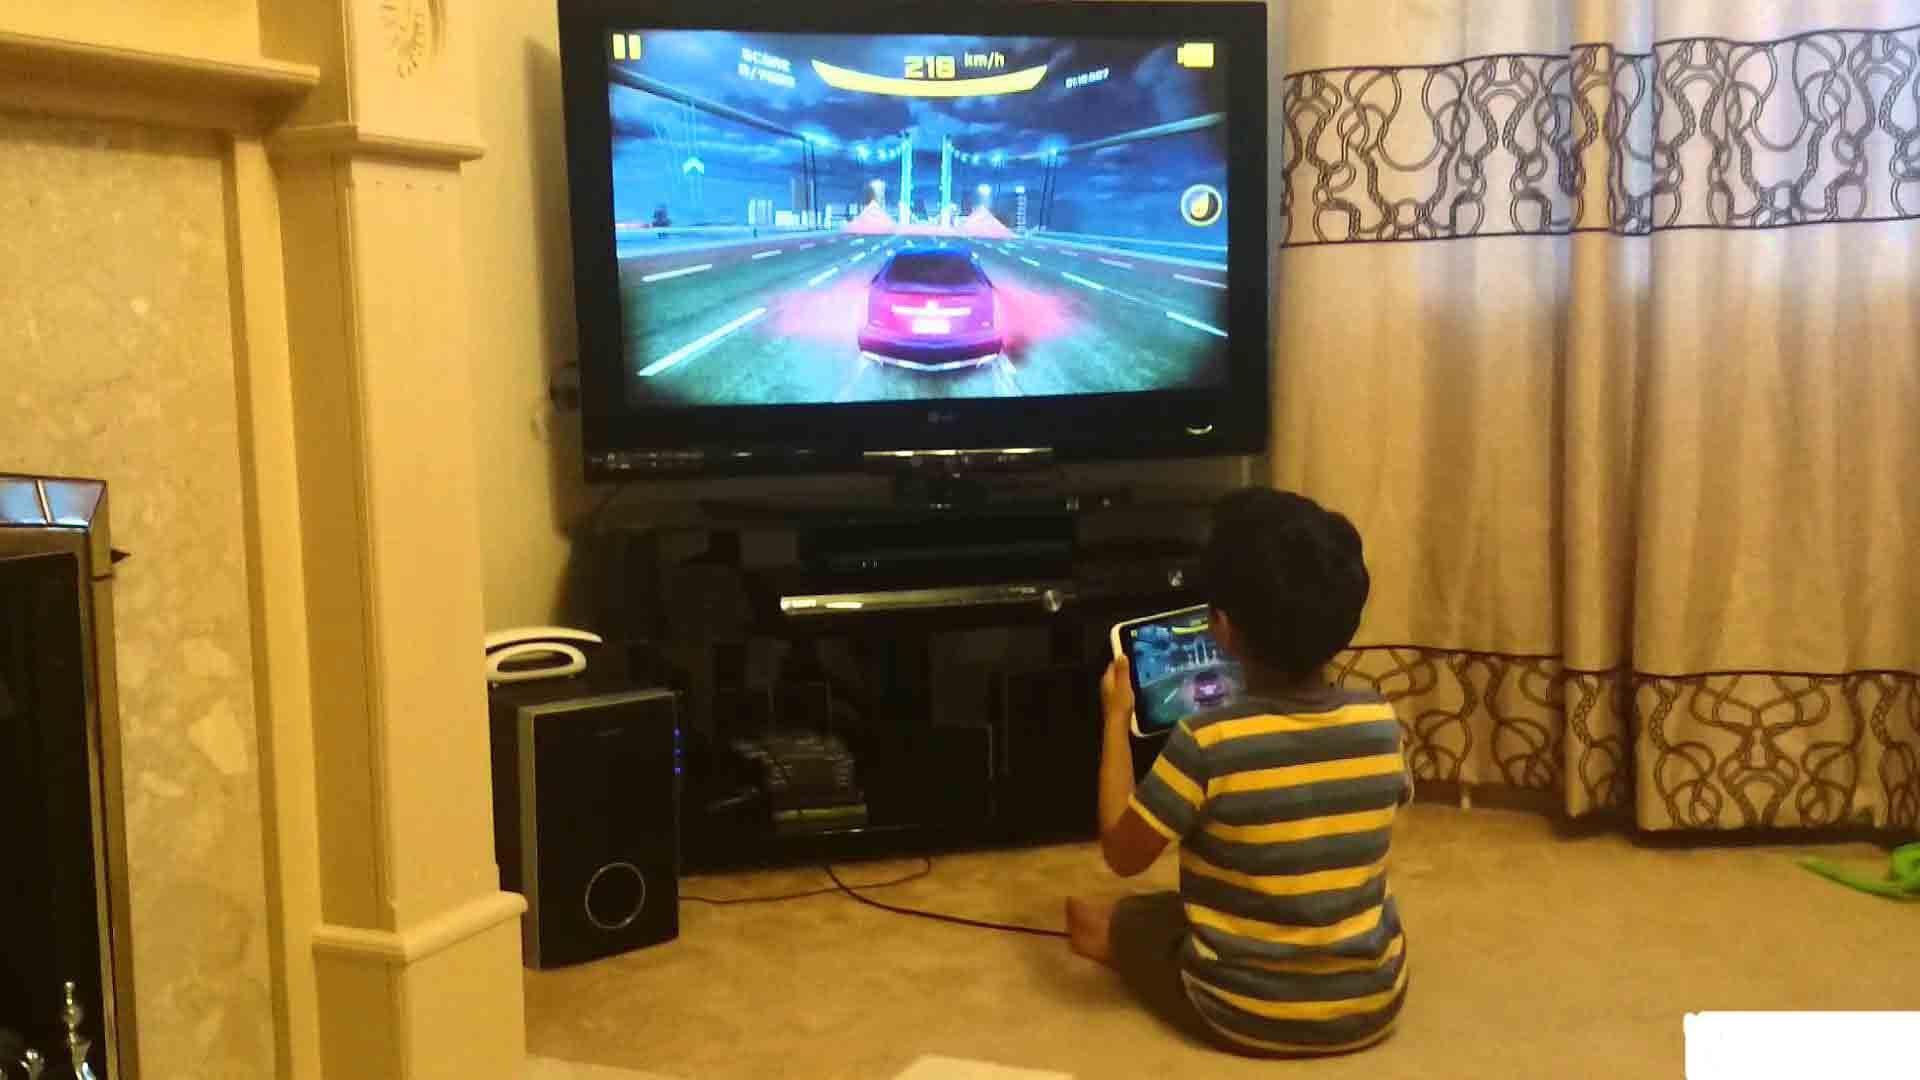 چگونه بر استفاده کودکان از تلویزیون نظارت کنیم؟- پایگاه اینترنتی دانستنی ایران